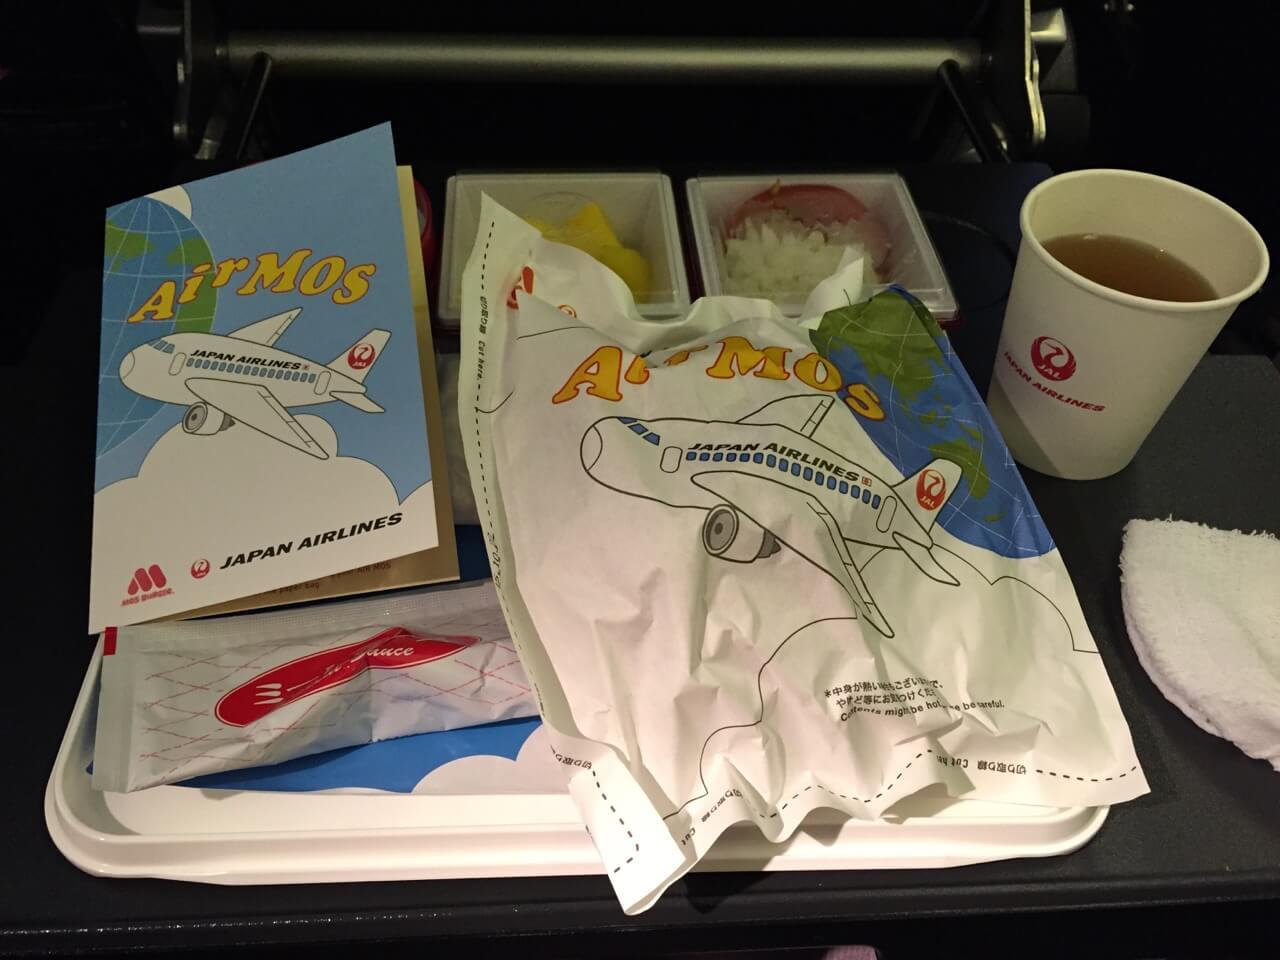 JALの機内で食べれるモスバーガー「Air MOS」は、最高に美味しくて最高に食べにくかった。